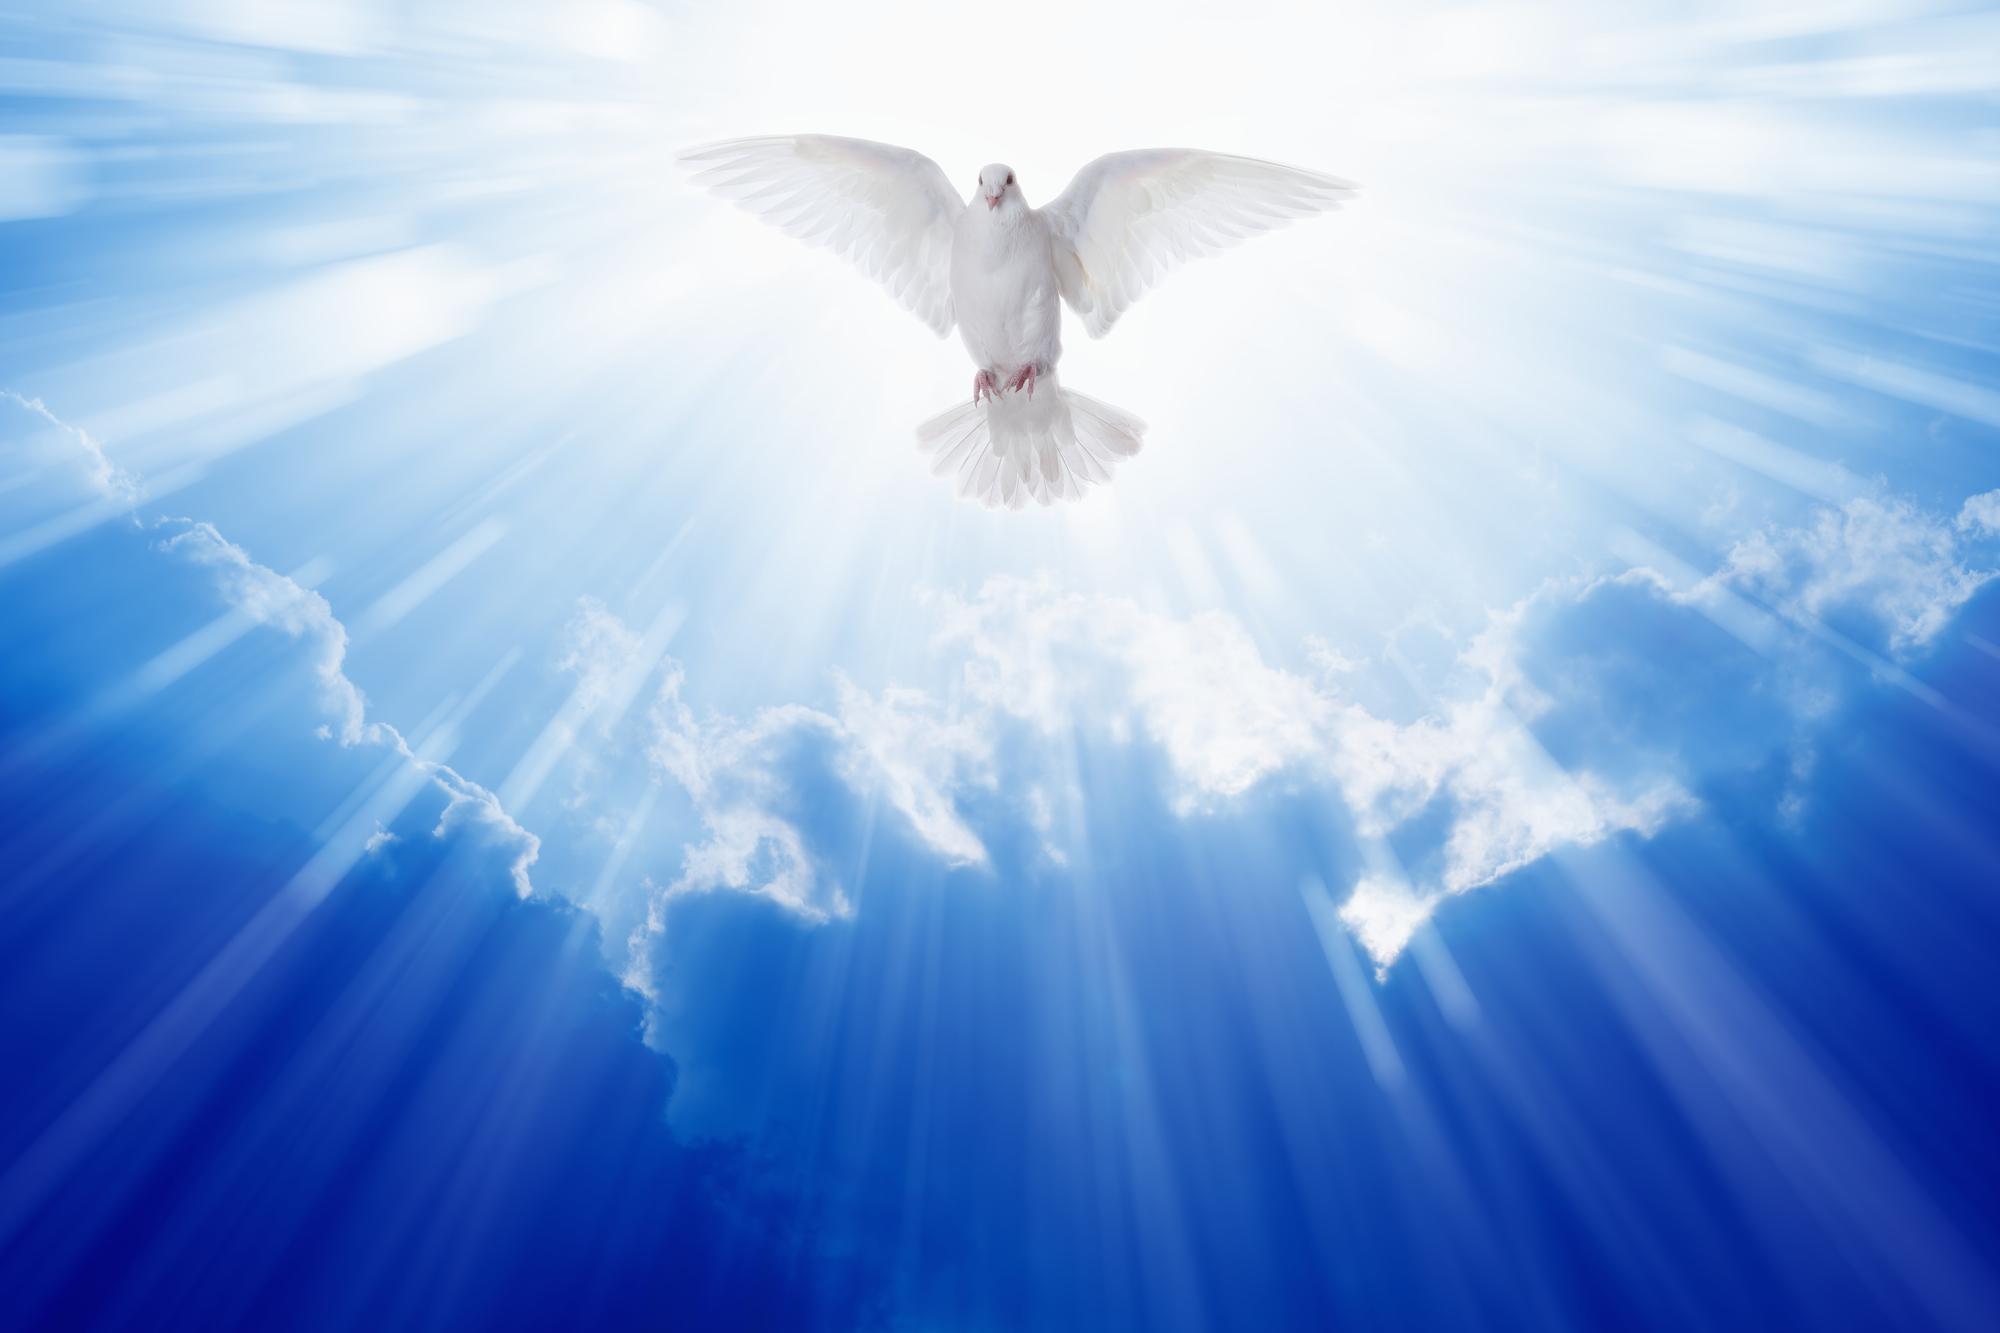 День Святого Духа: Дата и традиции праздника